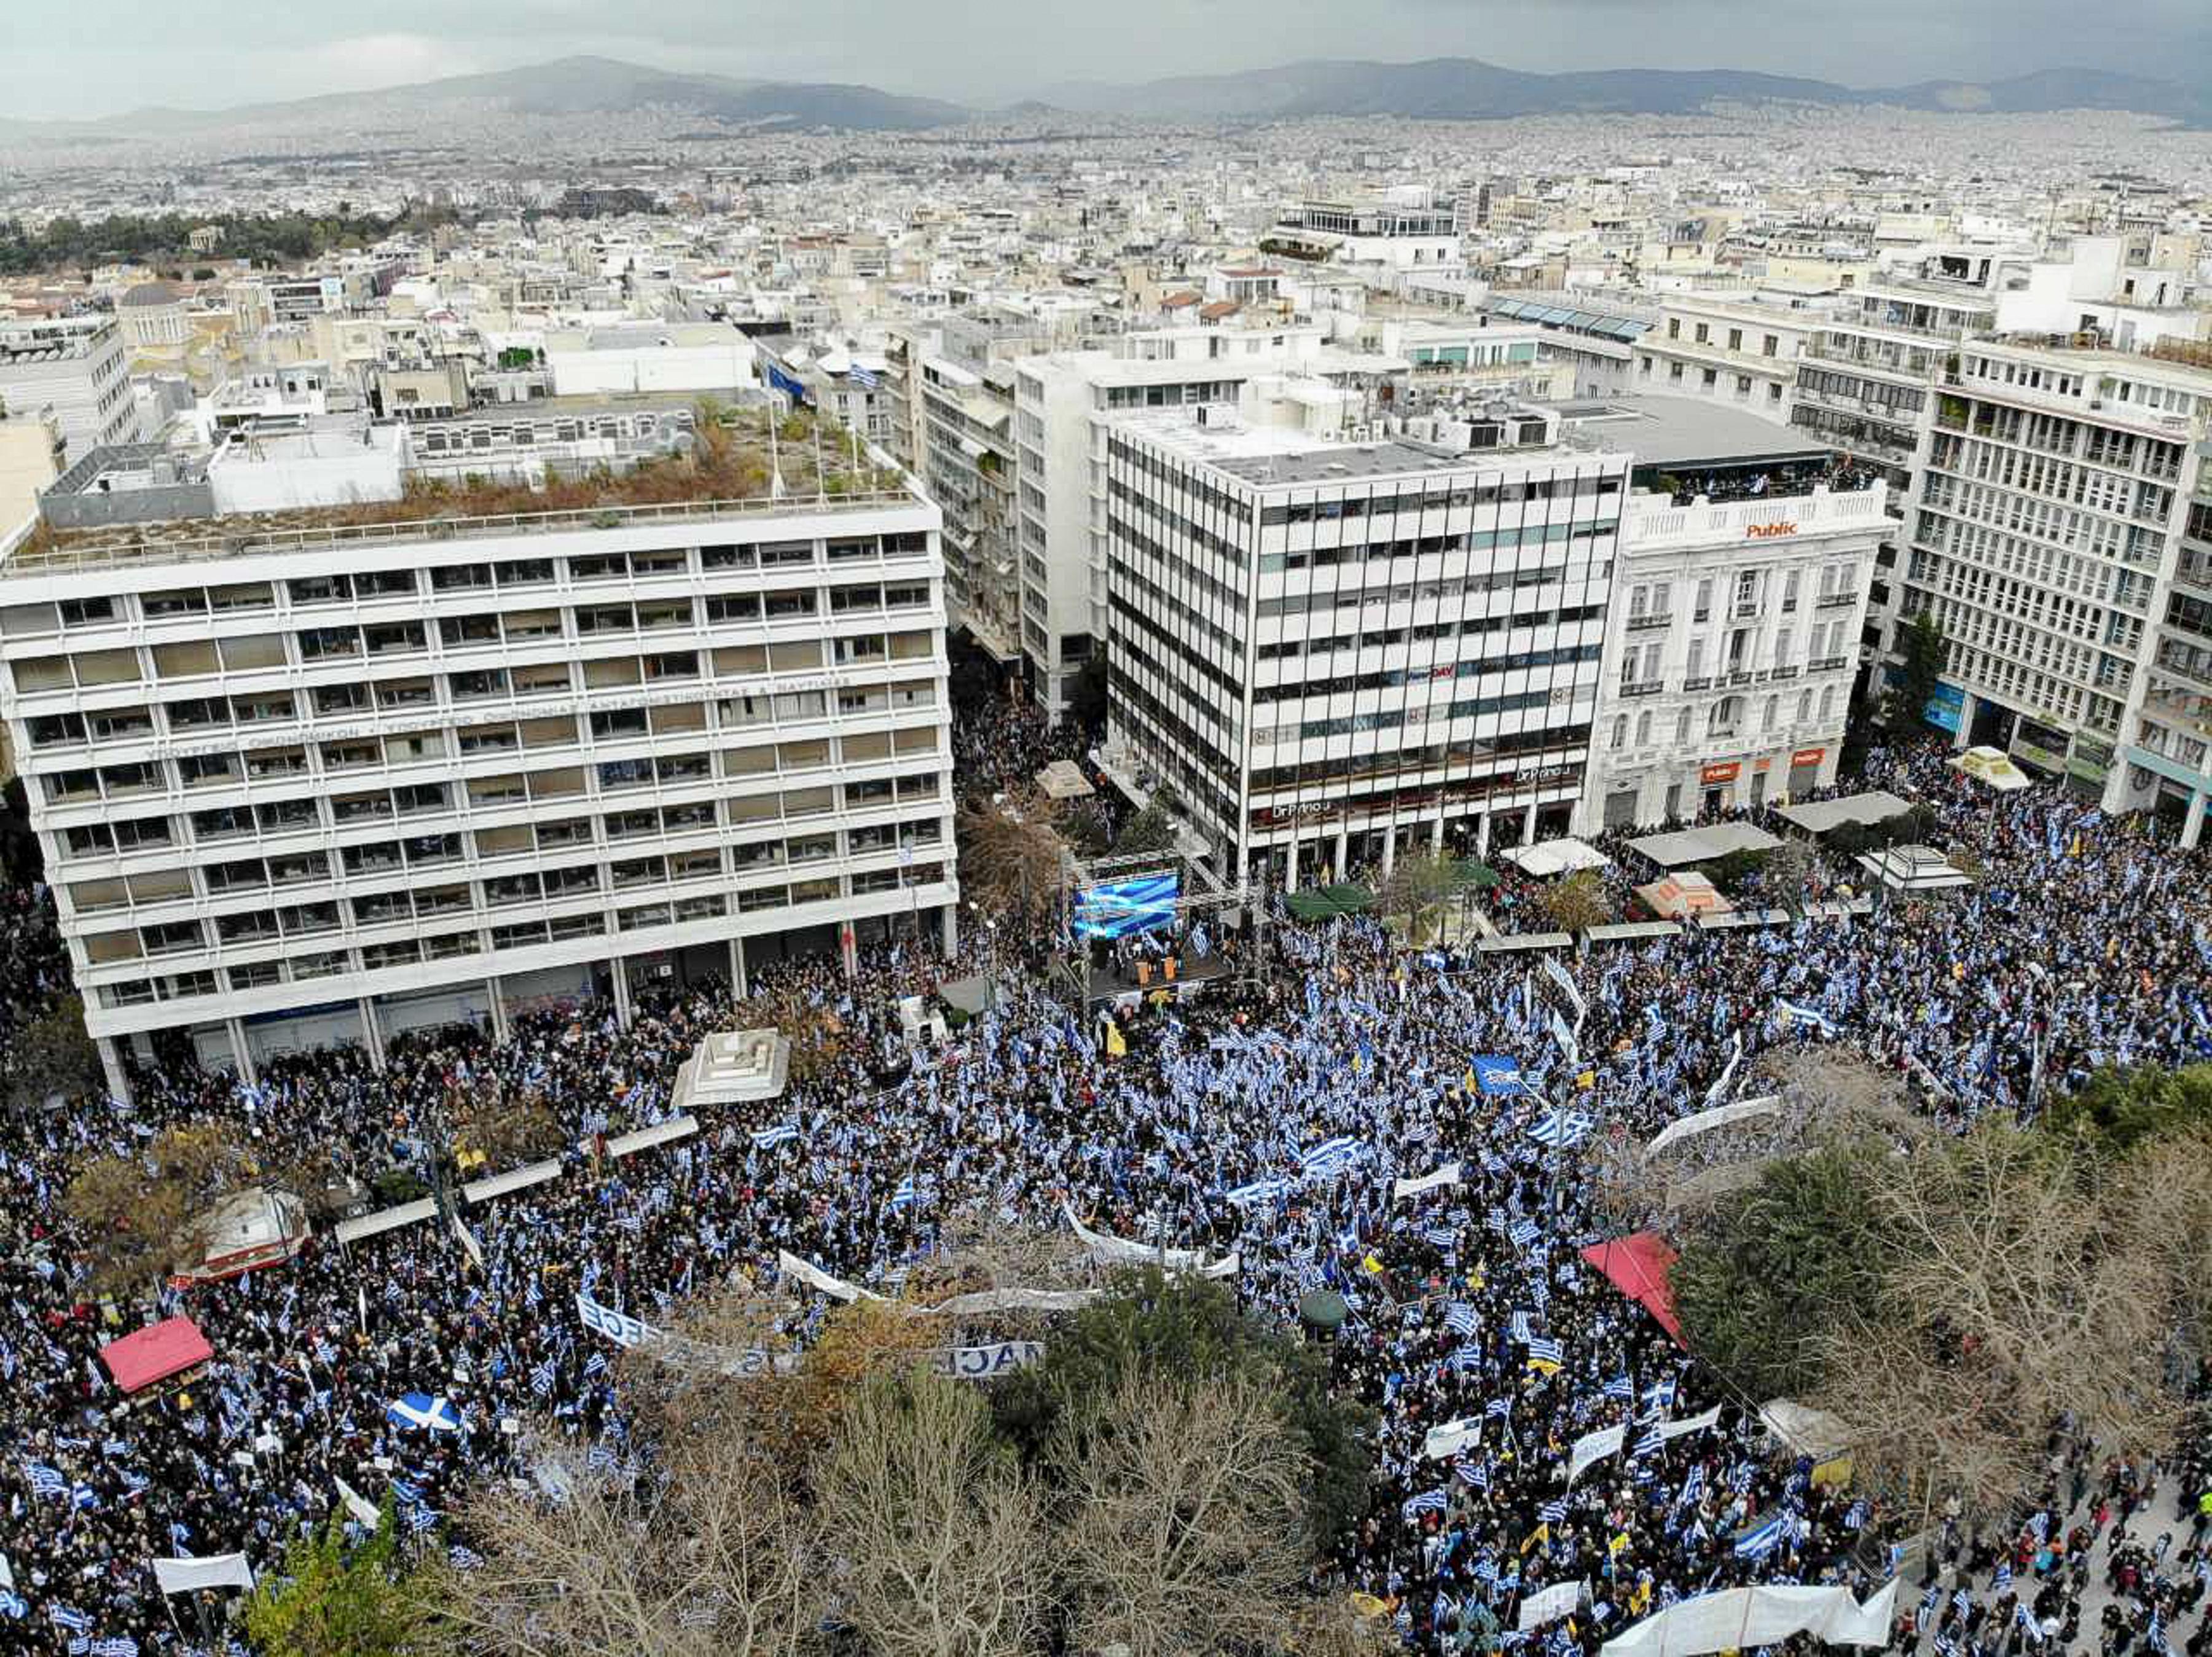 epeisodia-kai-chimika-sto-syllalitirio-sto-syntagma-amp-8211-epta-syllipseis-kai-pente-prosagoges-fotografies20